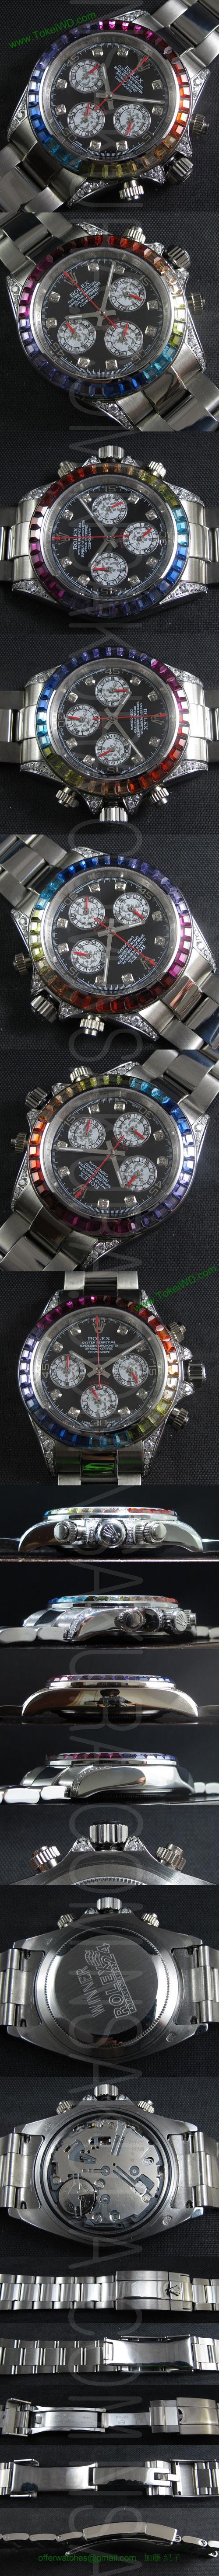 ロレックス 20140225104017 コピー 時計